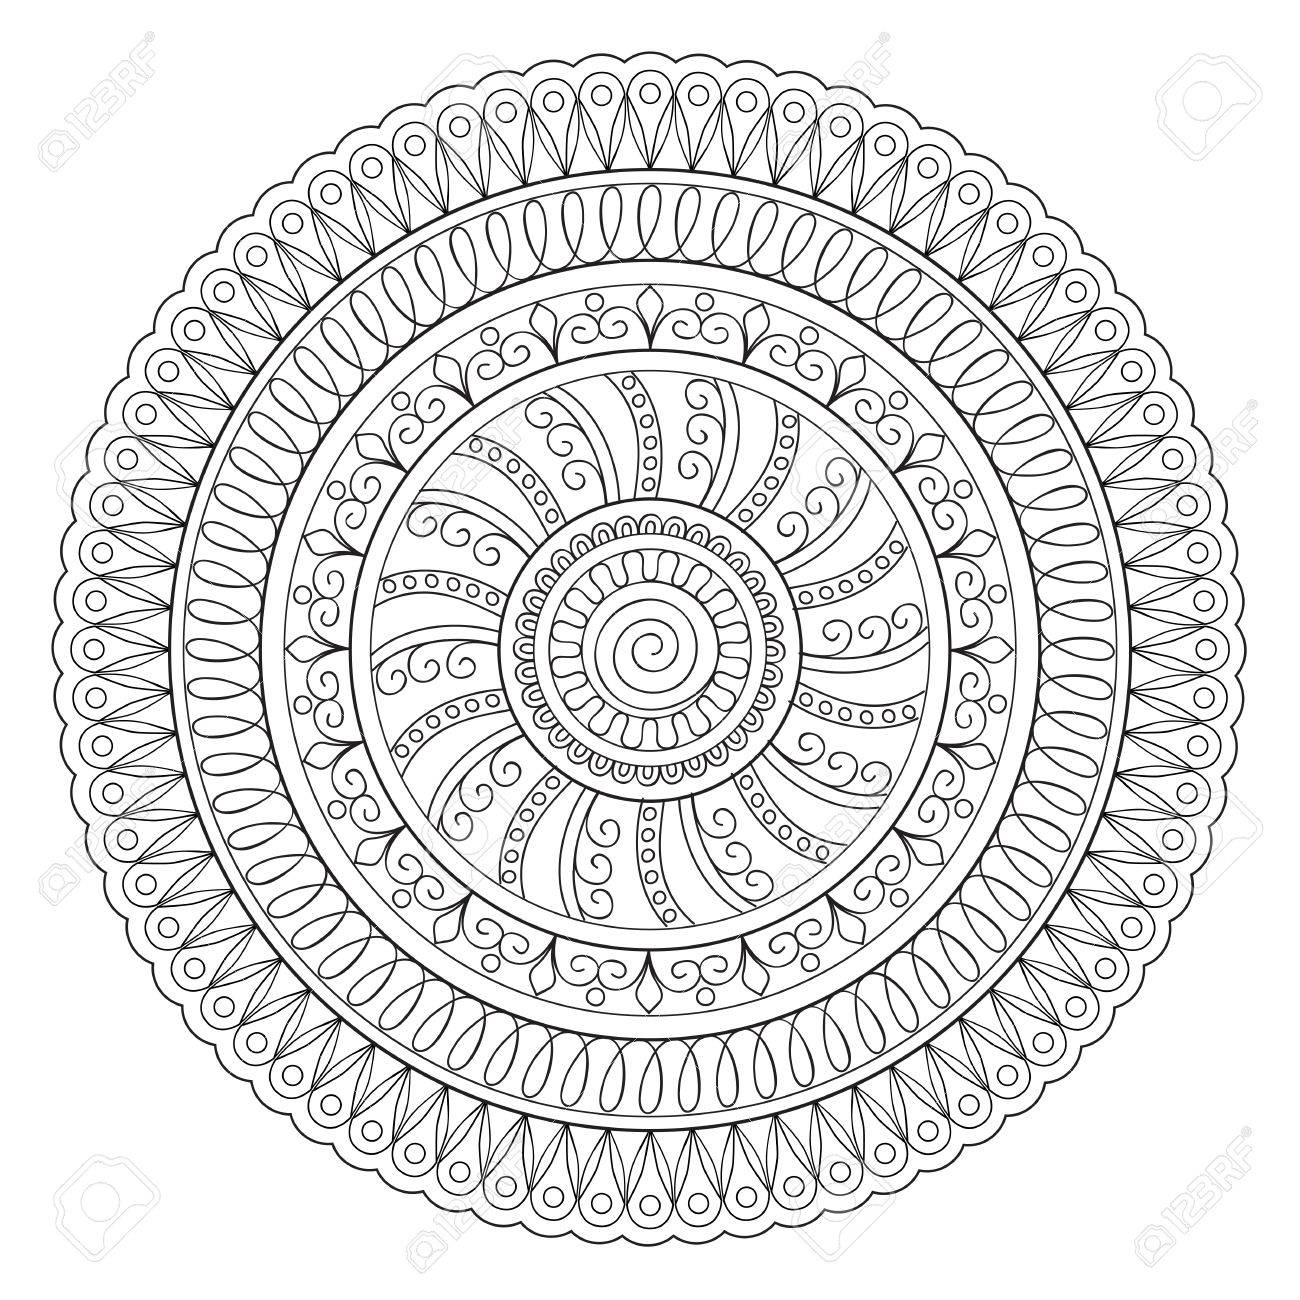 Mandala Mit Hand Gezeichneten Elemente. Islam, Arabisch, Indisch ...